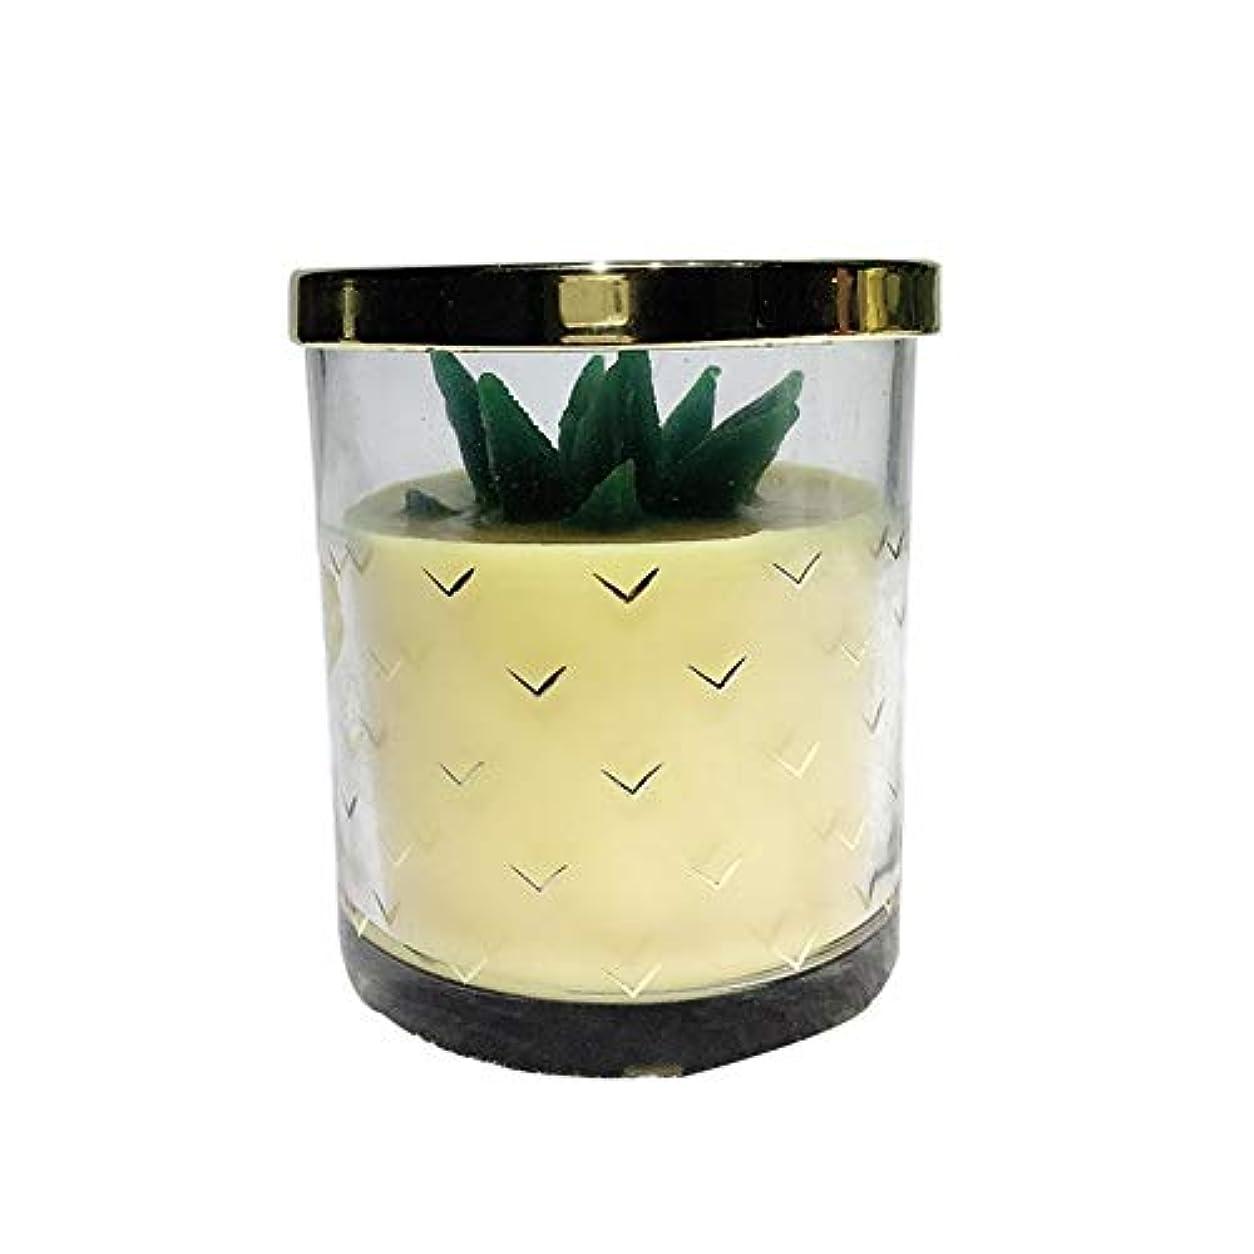 食べる私のツーリストGuomao 大豆ワックスフルーツキャンドルバレンタインデークリエイティブギフト (色 : Pineapple)